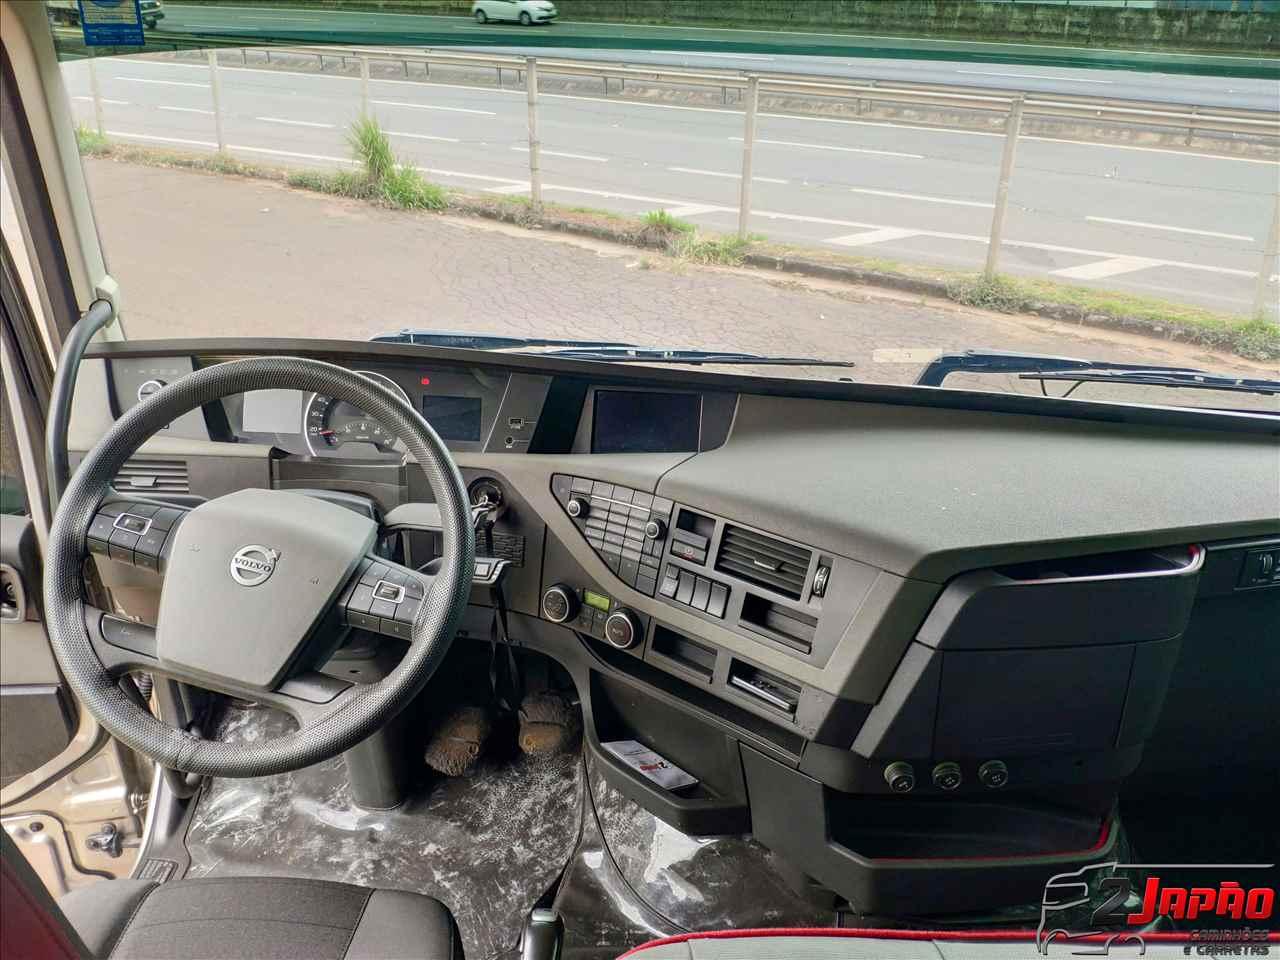 VOLVO VOLVO FH 540 415000km 2017/2018 2 Japão Caminhões e Carretas